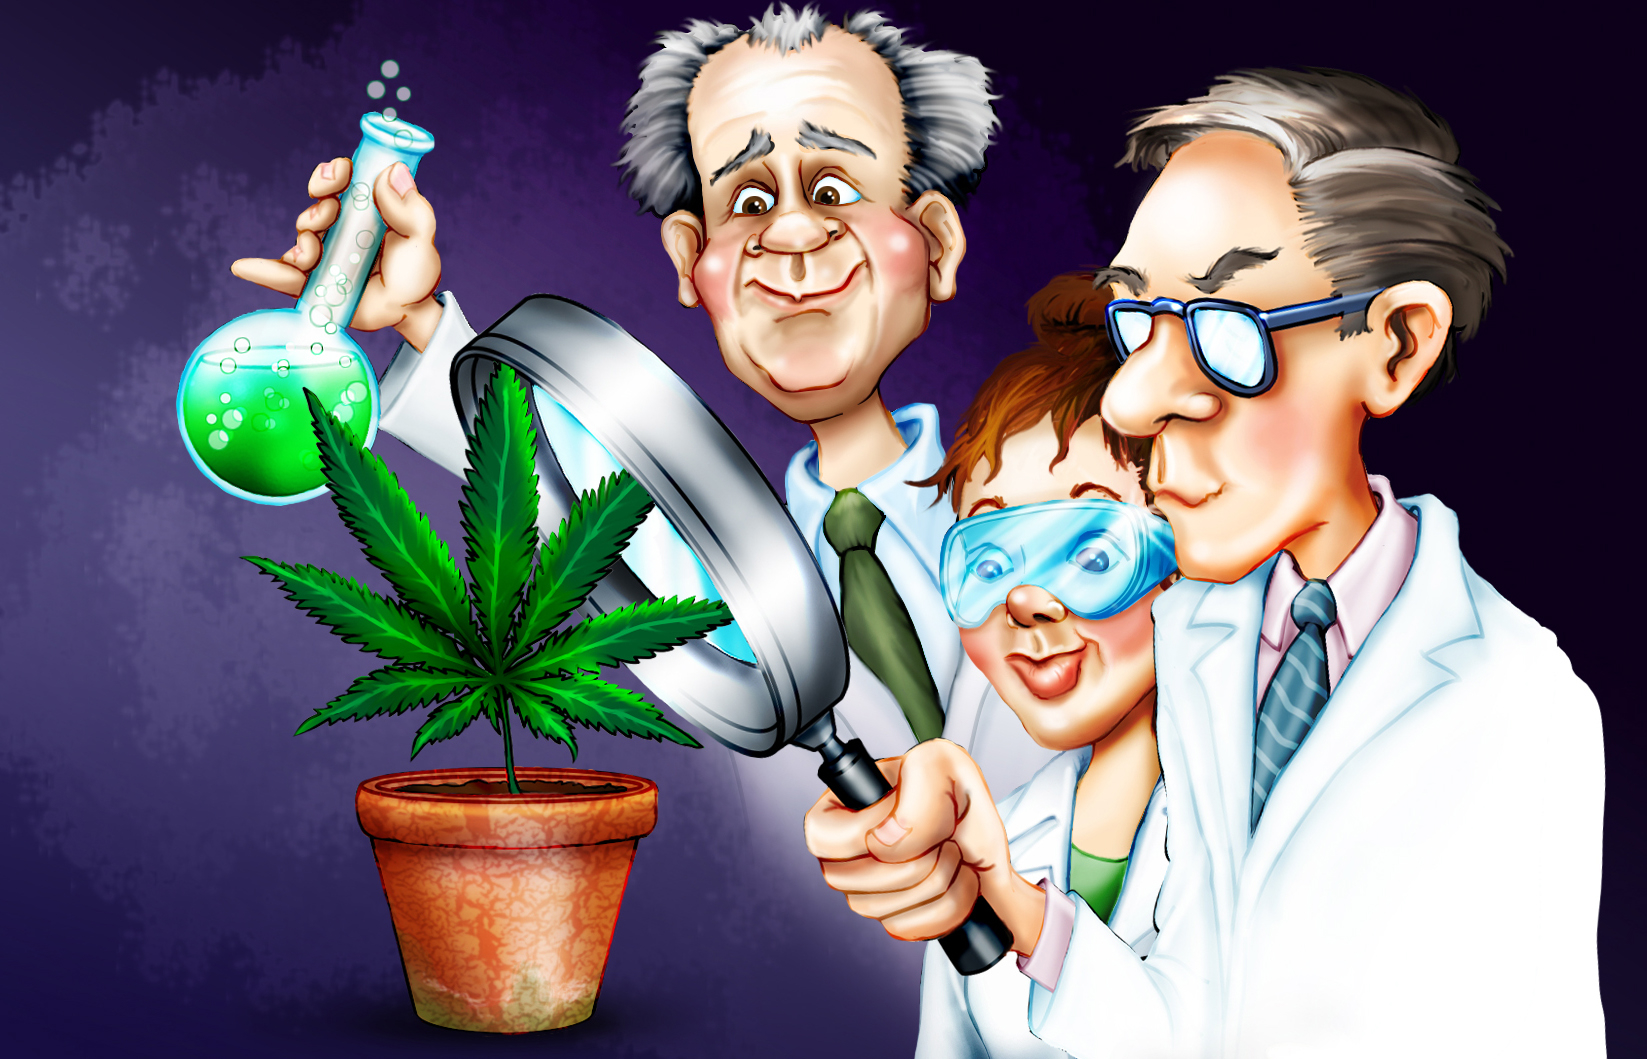 Amerykañscy naukowcy odkryli, ¿e palenie marihuany przed prac± nie wp³ywa na efektywno¶æ wykonywania zadañ